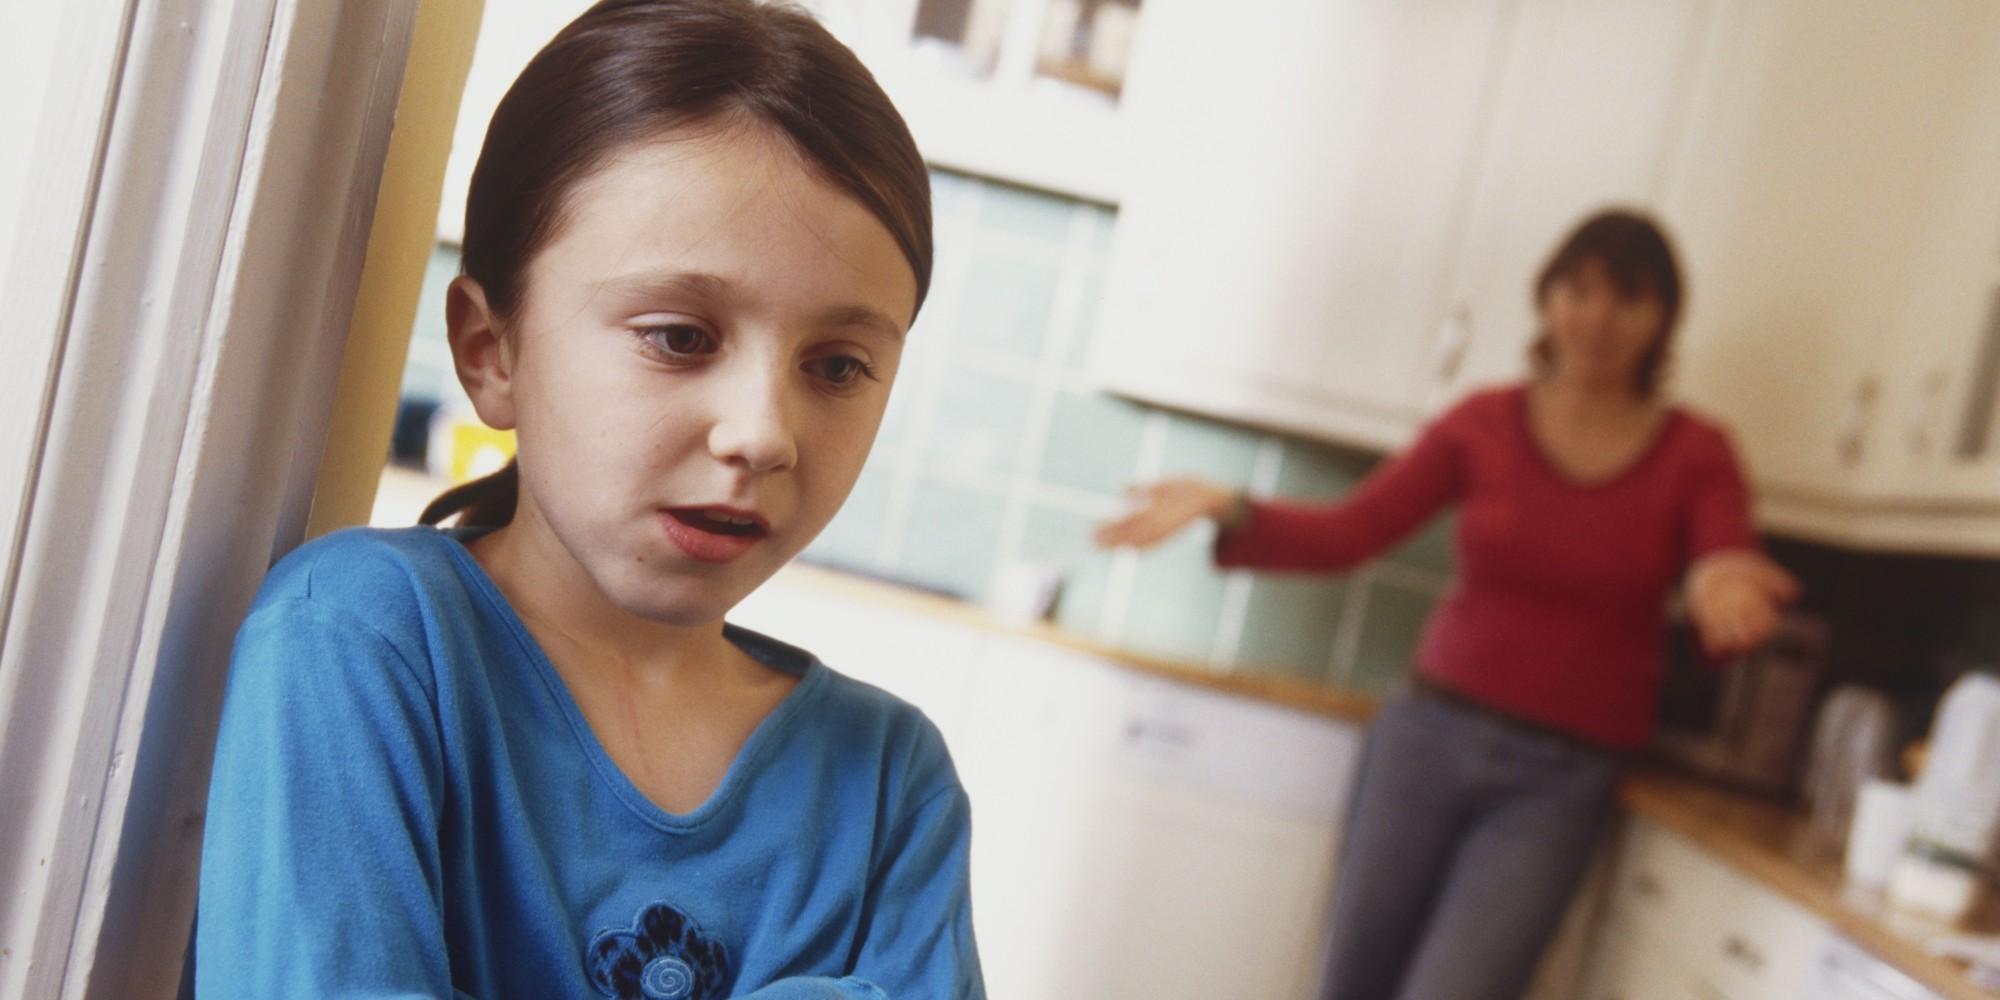 Copilul SENZITIV ȘI REACTIV este un diamant numai bun de șlefuit!